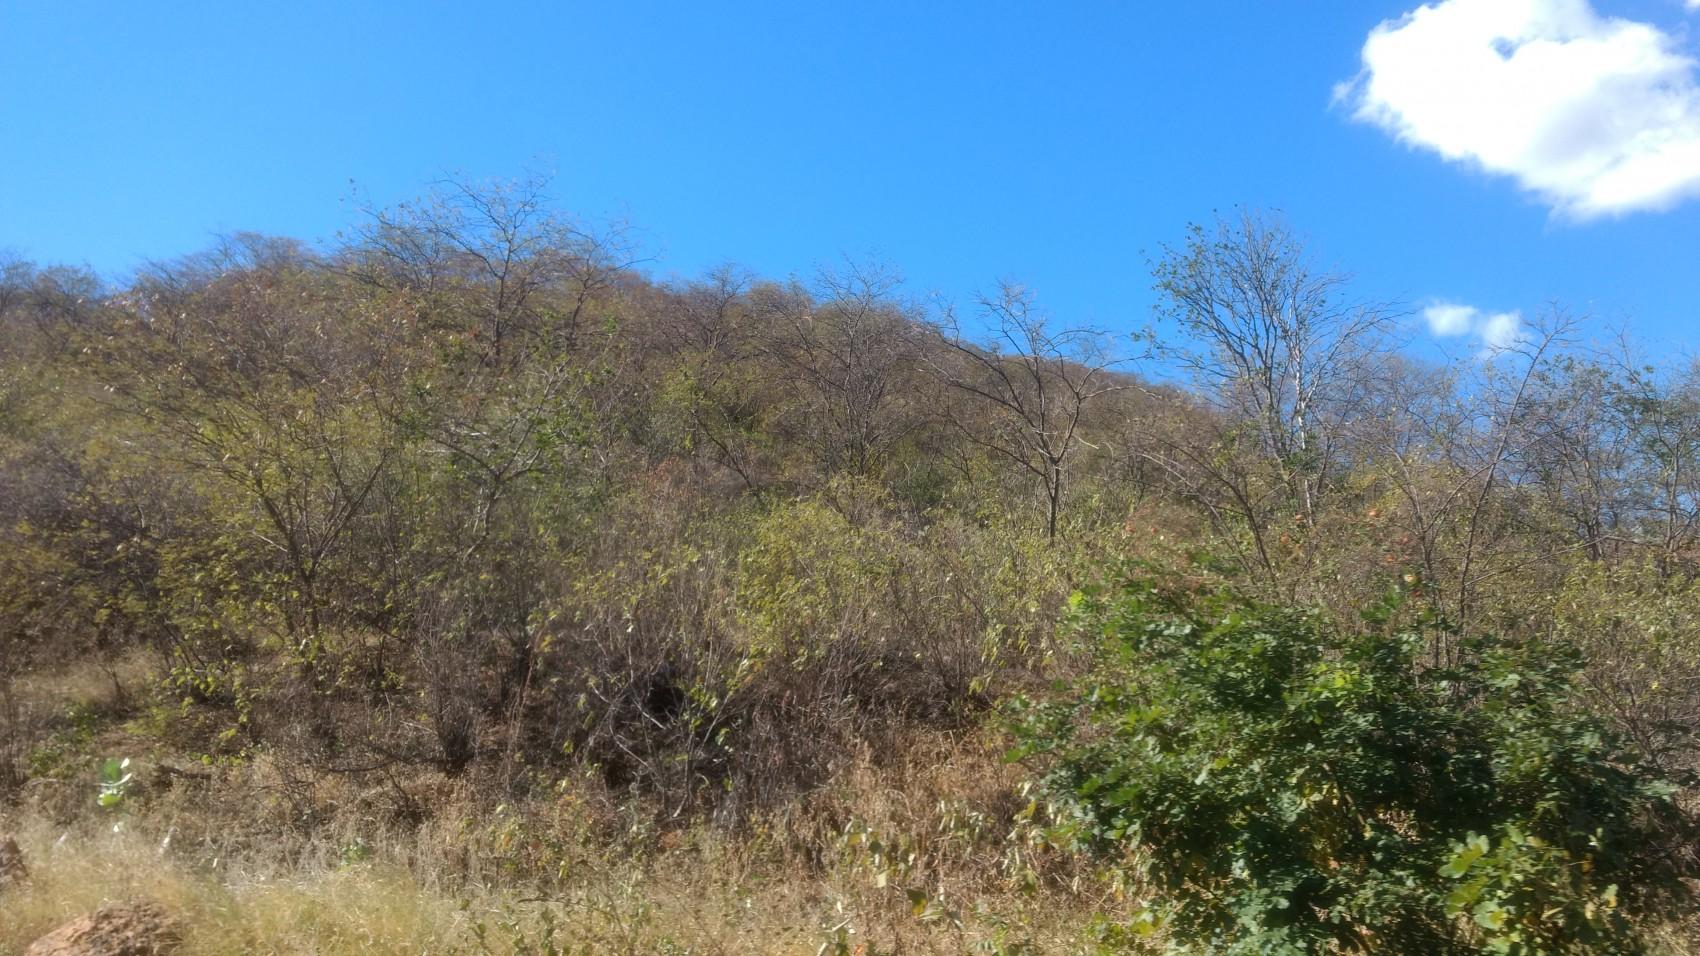 Figura 6 – Vegetação de transição Cerrado/Caatinga em Picos, PI. Em primeiro plano, Caryocar coriaceum (pequiá), uma espécie típica dos Cerrados. Ao fundo, Caesalpinia pyramidalis (catingueira), Mimosa spp. (juremas) e Jatropha mollissima (mandioca-brava), espécies típicas da Caatinga. Fonte: Arquivo pessoal.